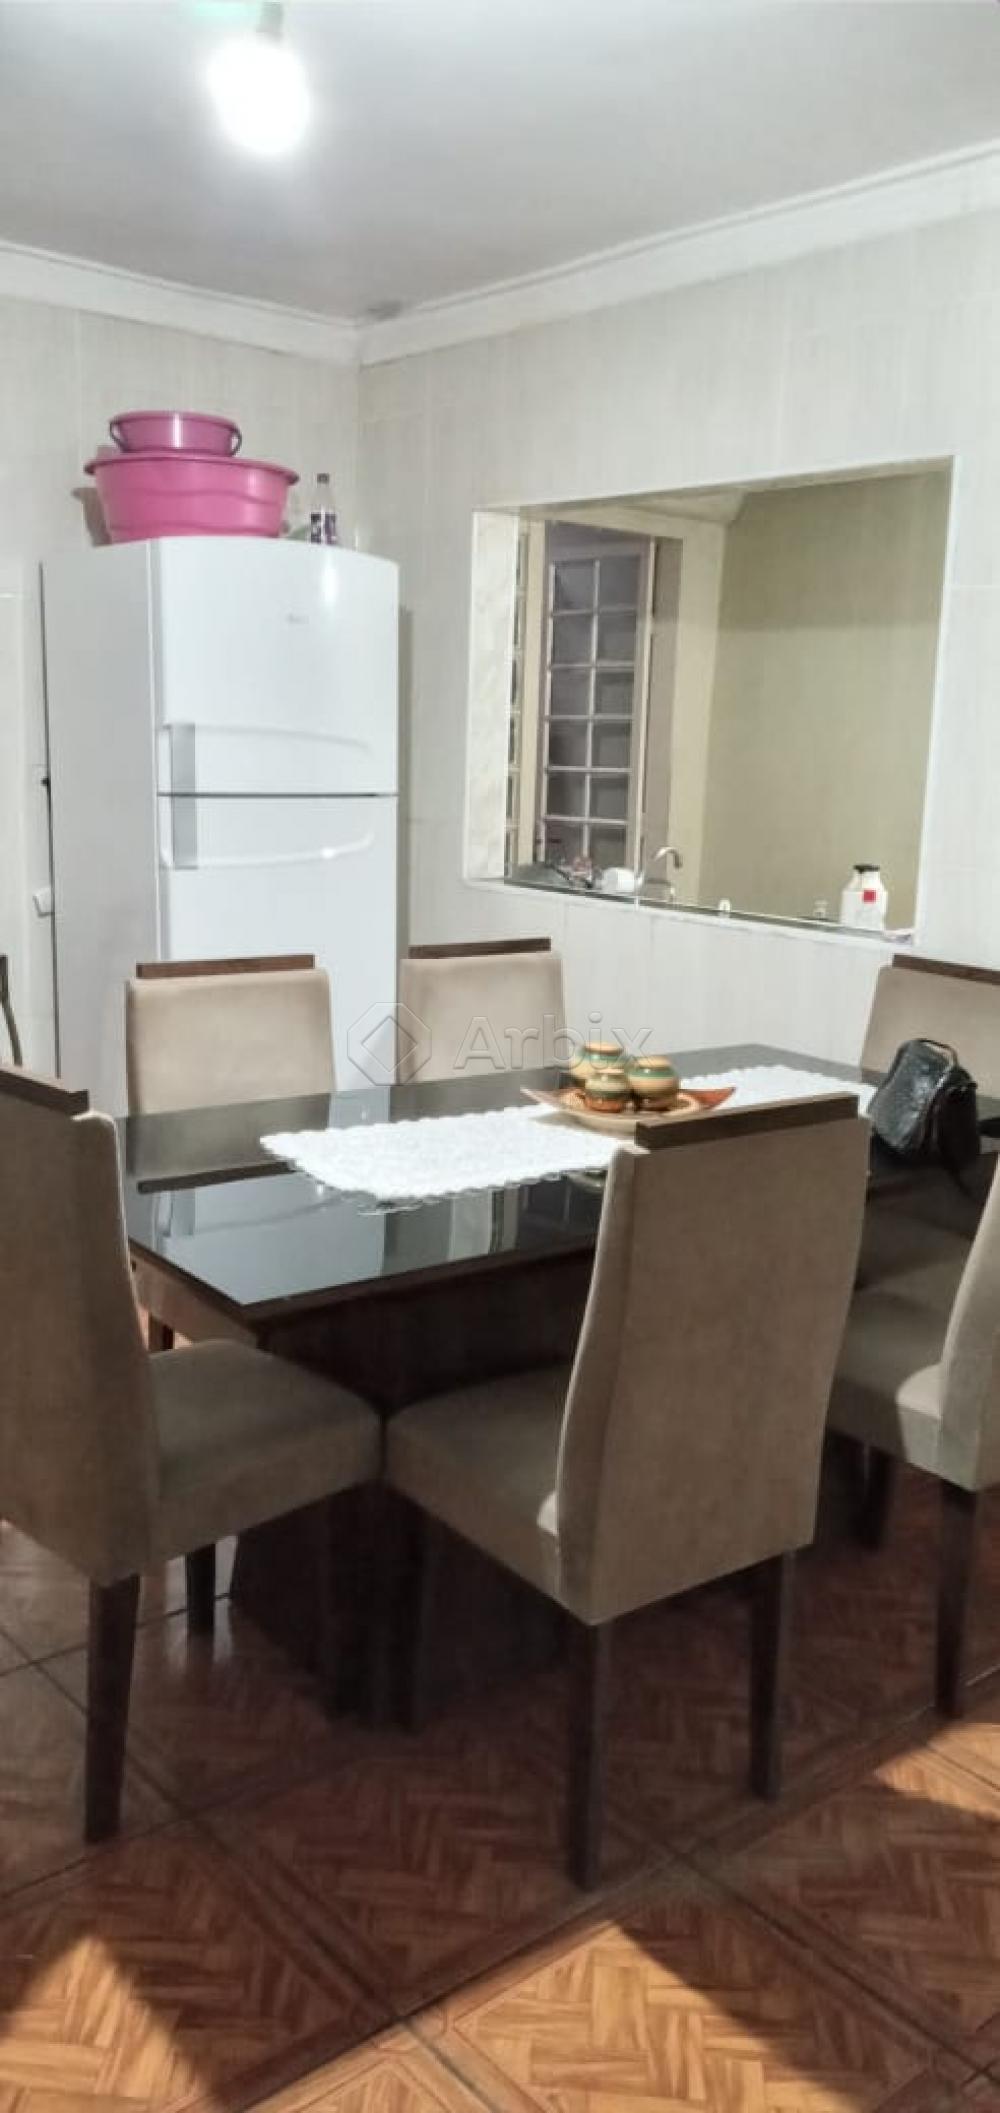 Comprar Casa / Residencial em Santa Bárbara D`Oeste apenas R$ 250.000,00 - Foto 13